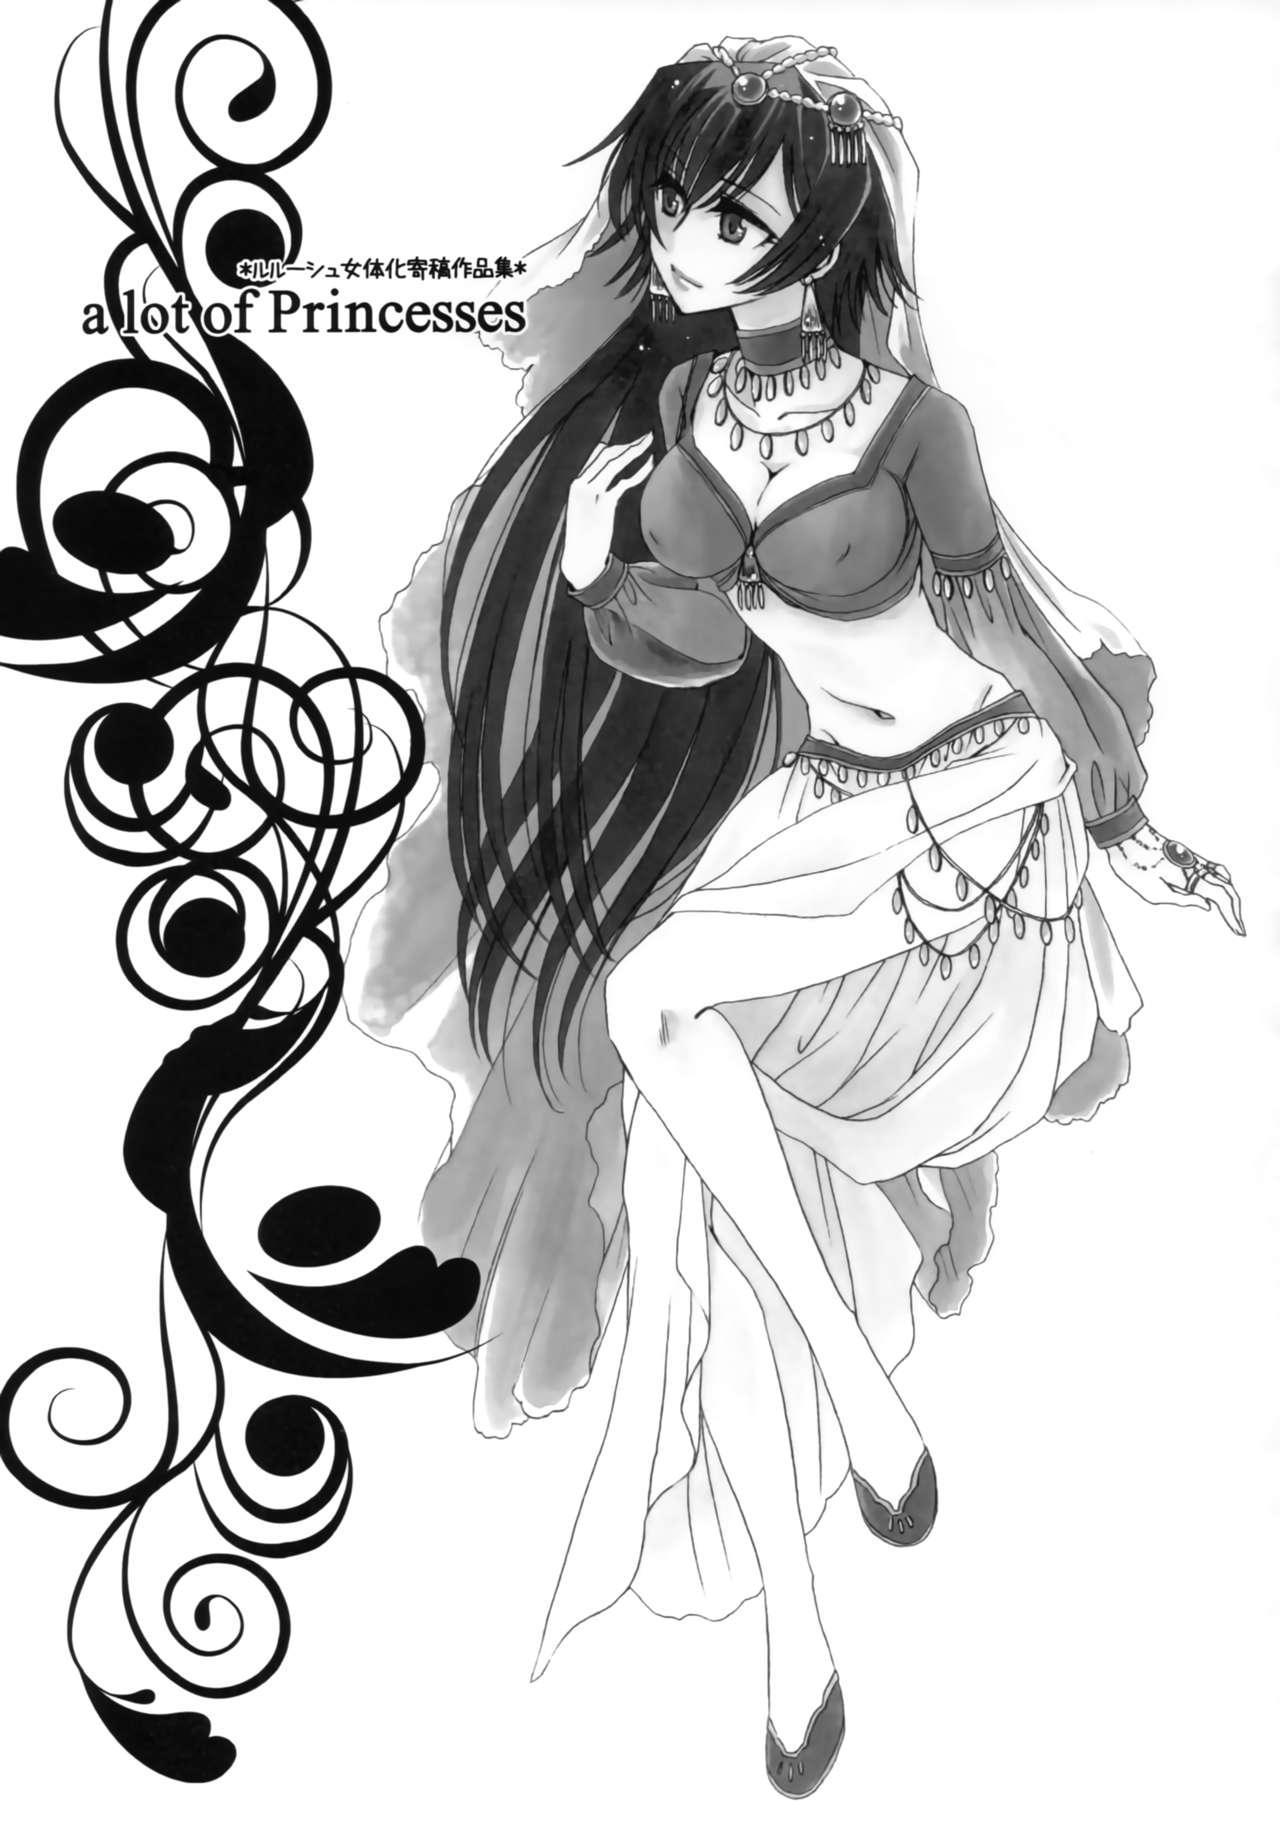 a lot of Princesses 1